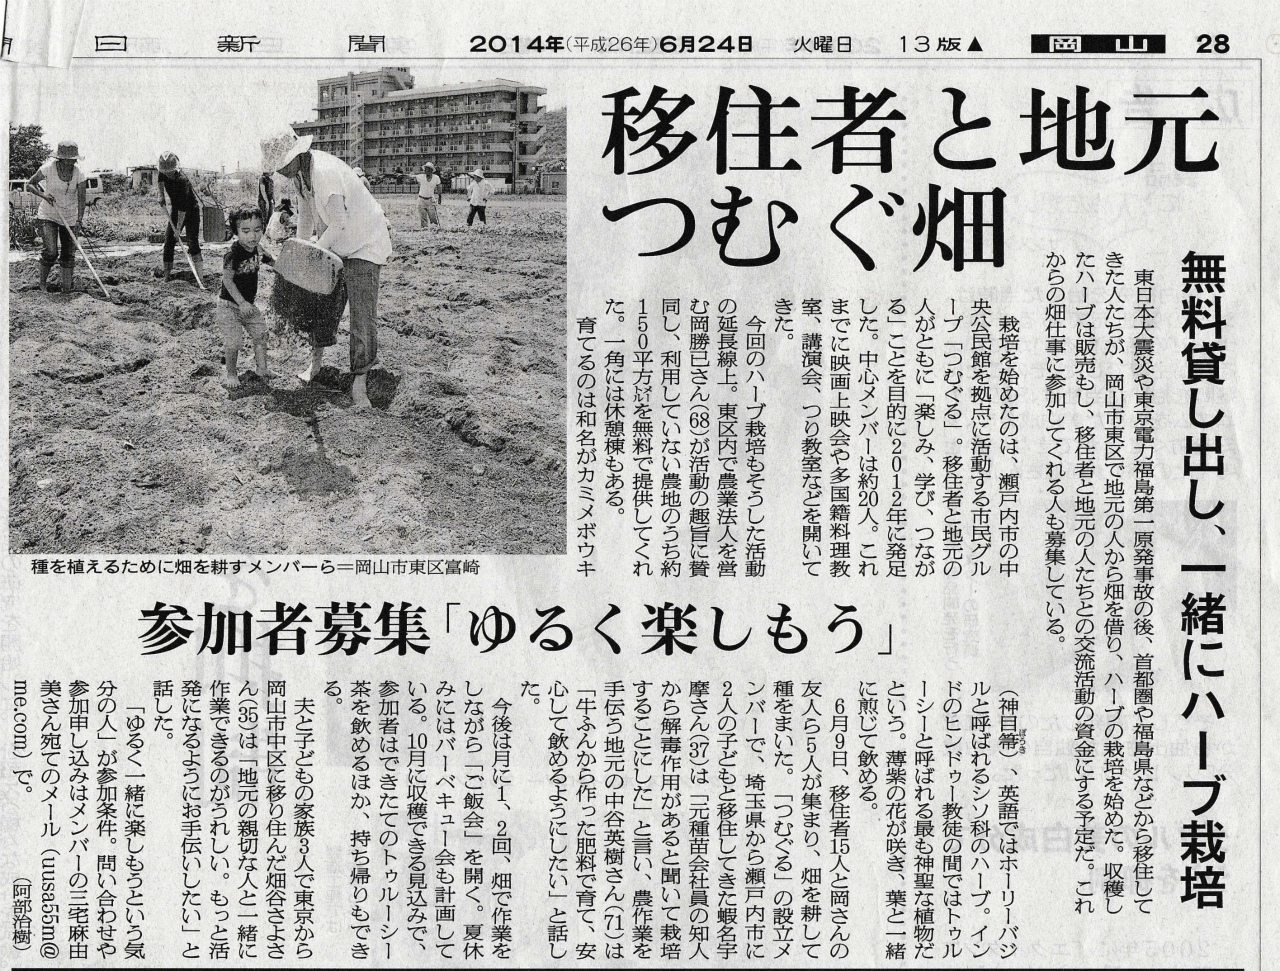 2014.6.24.朝日新聞